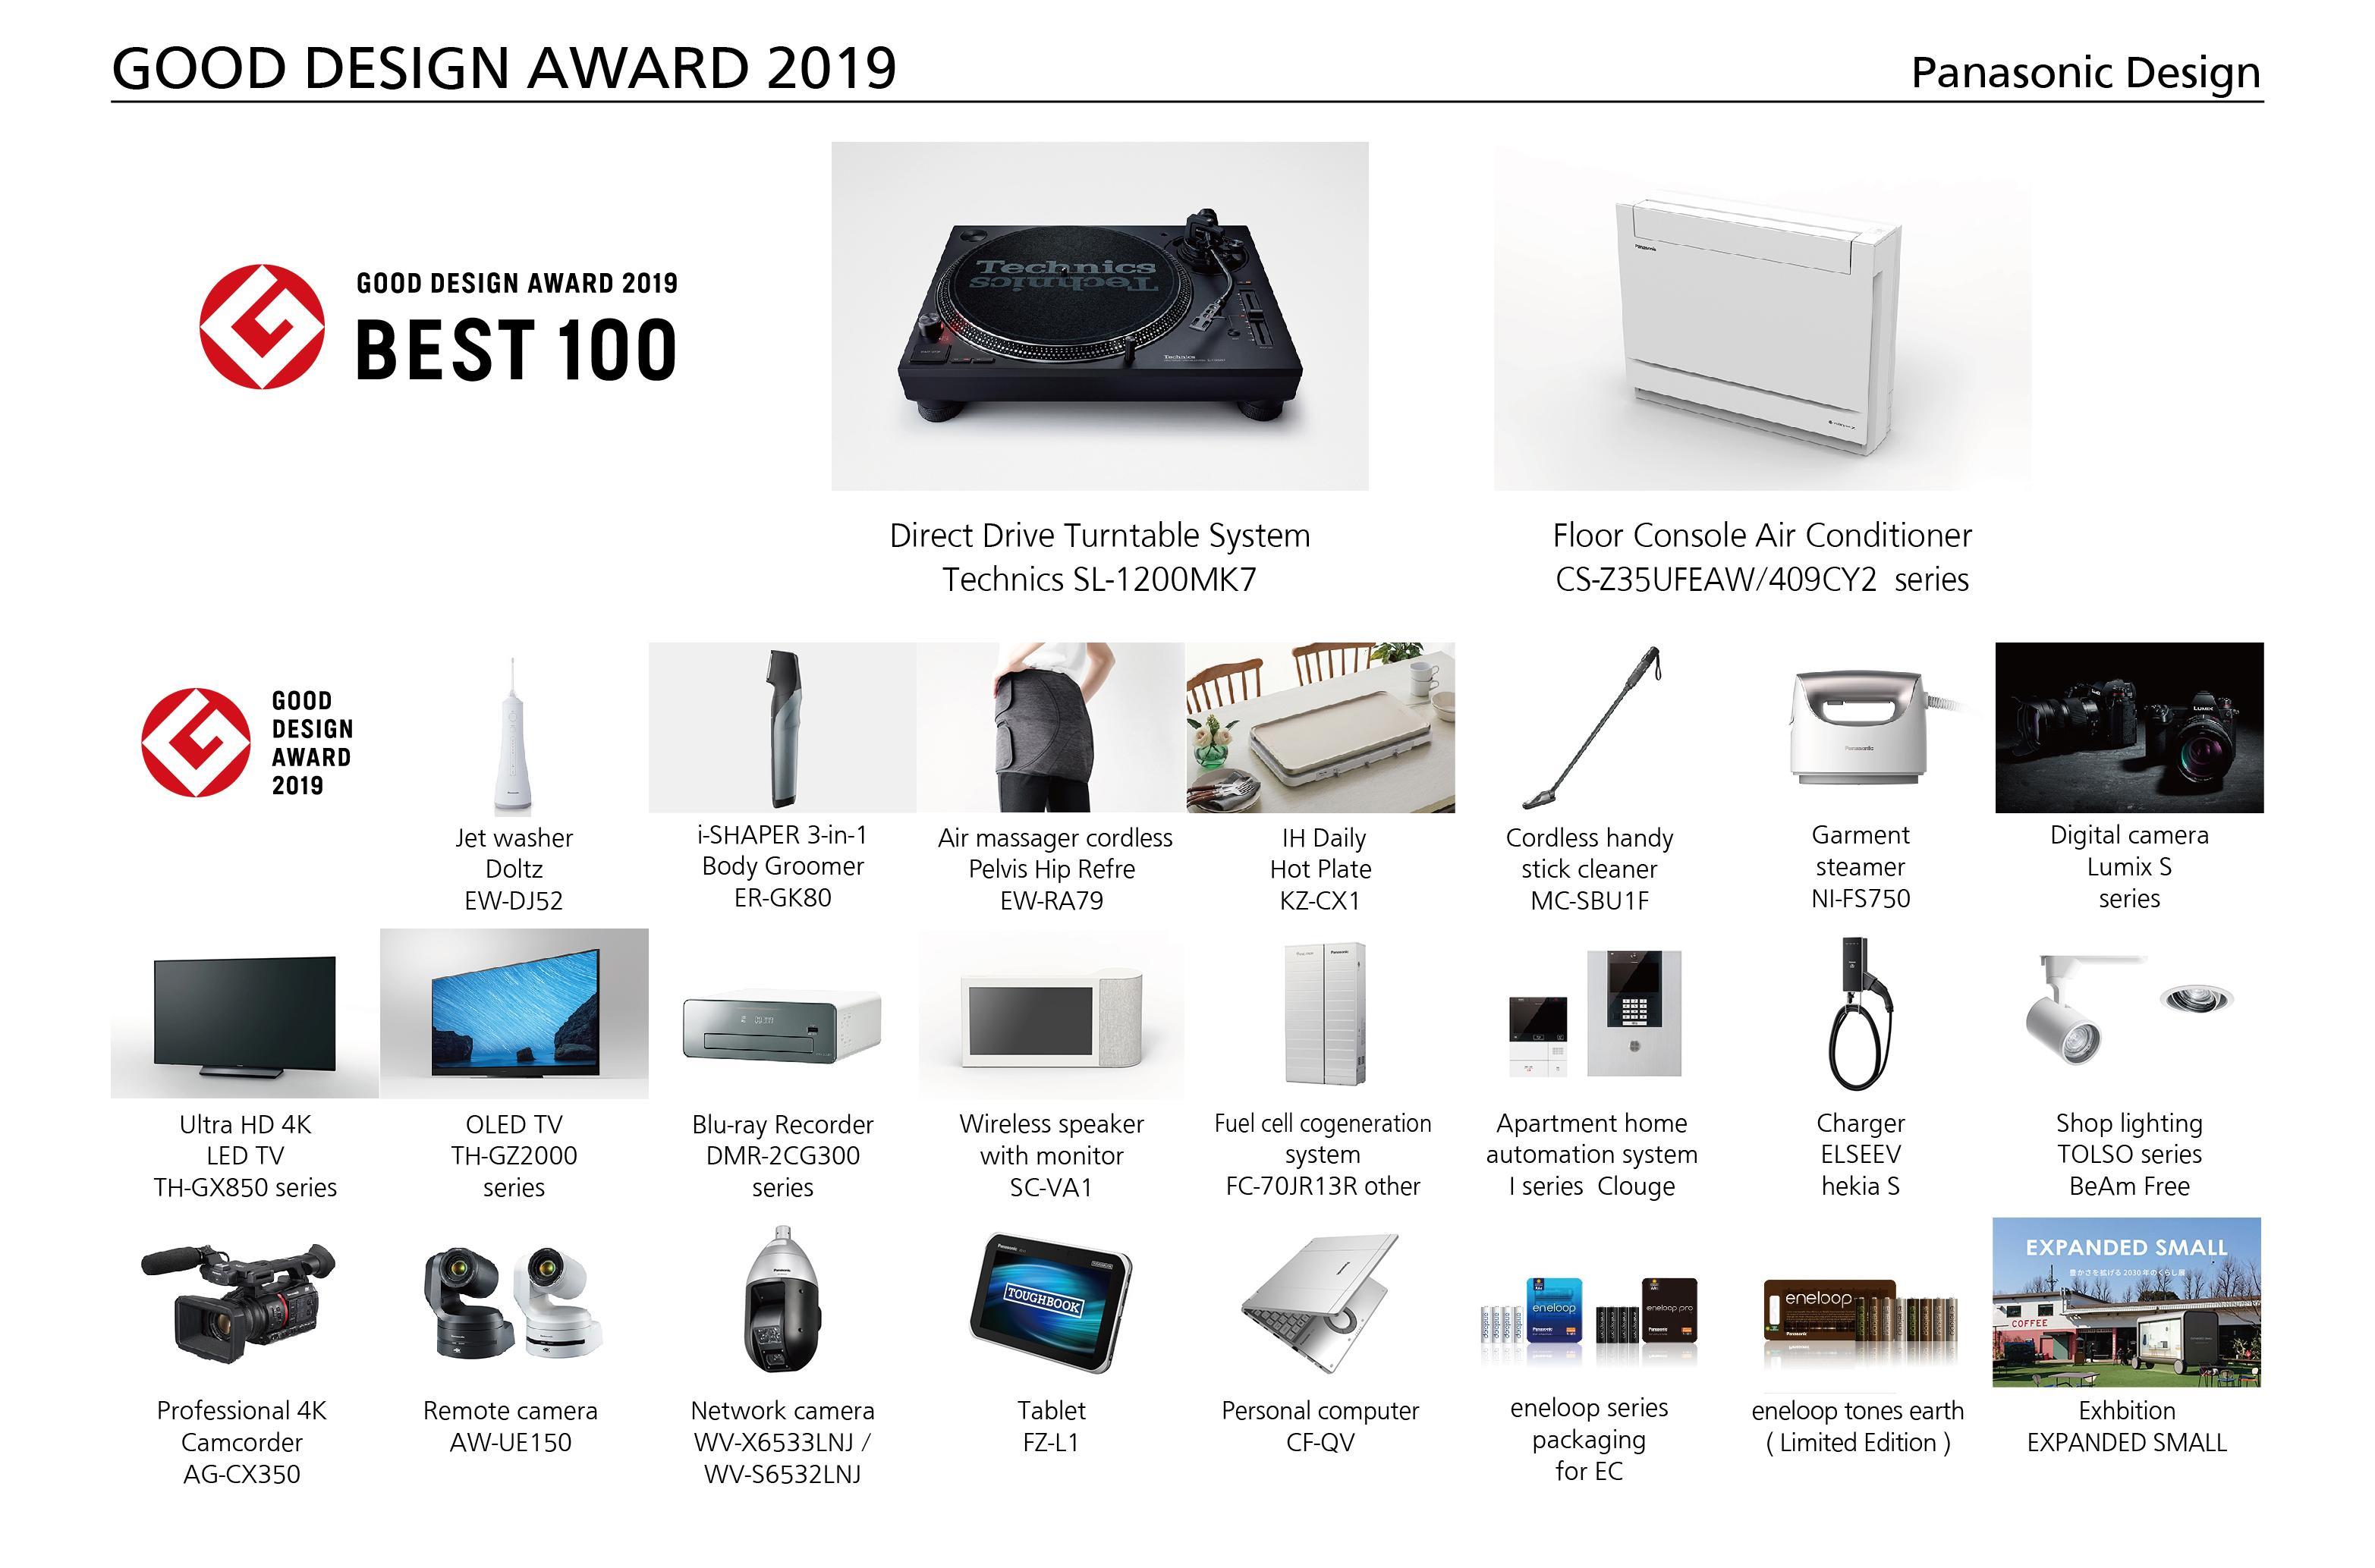 image: Award-winning products at the Good Design Award 2019